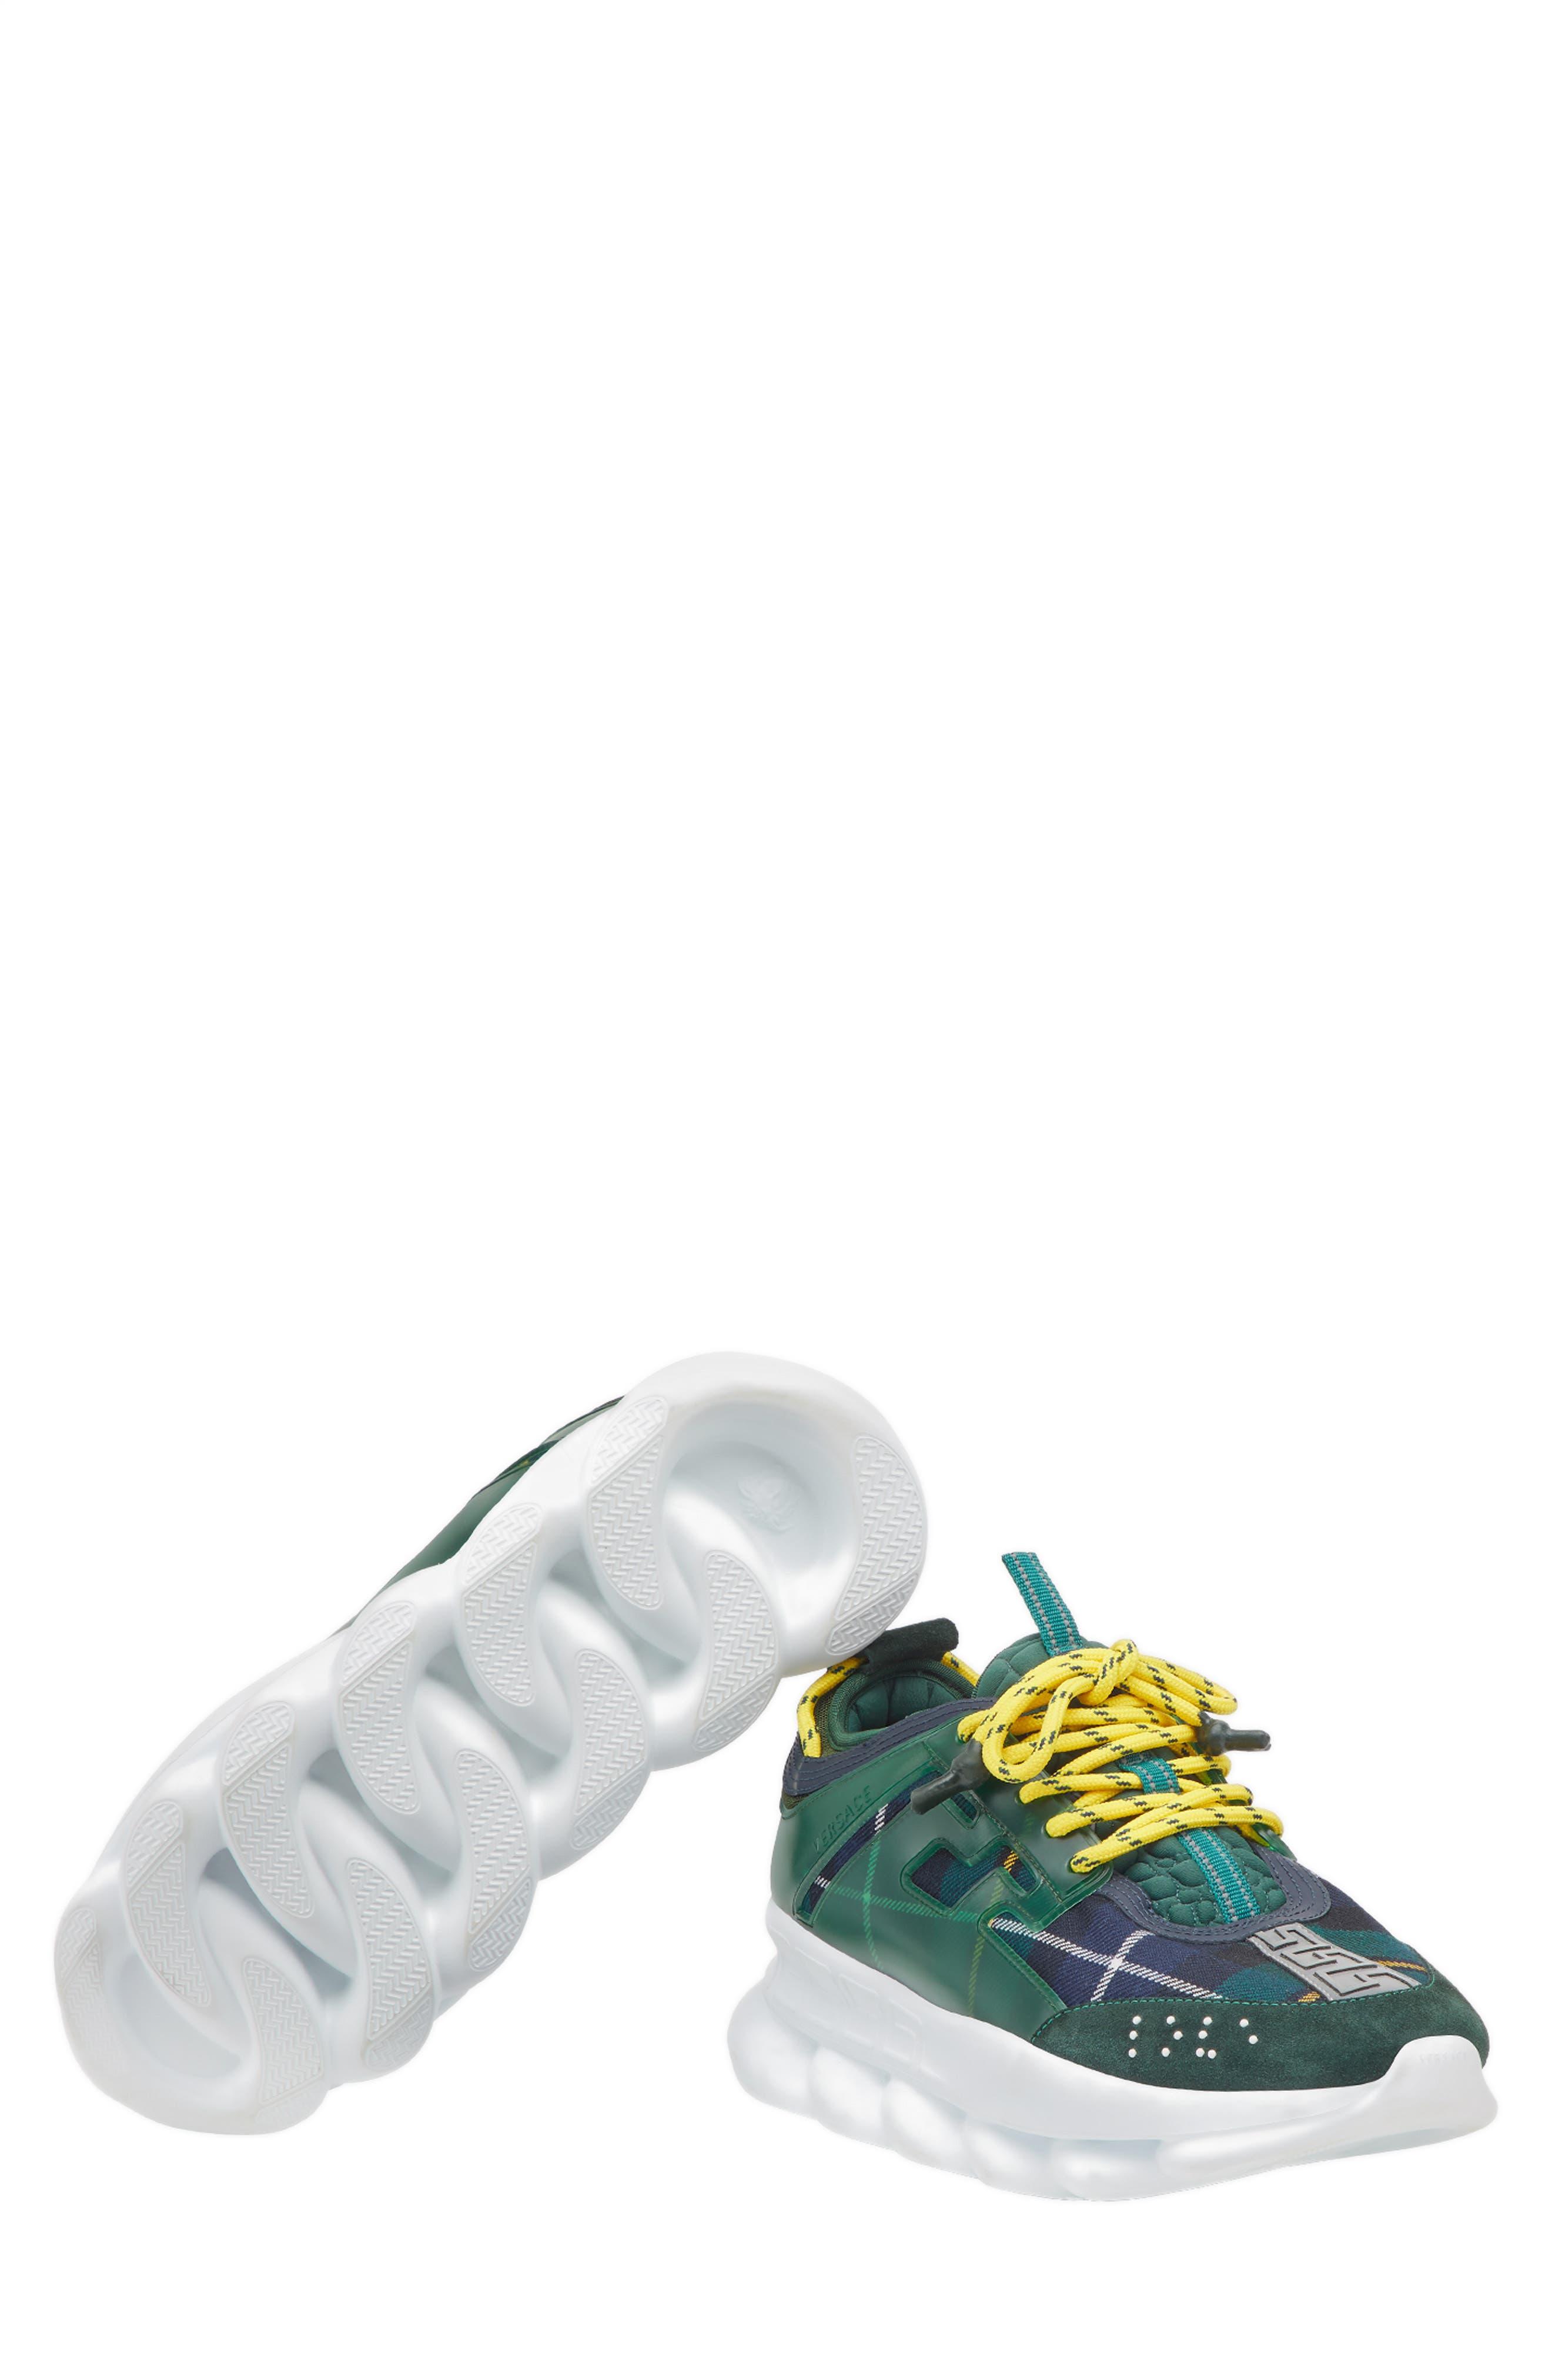 Chain Reaction Sneaker,                             Alternate thumbnail 5, color,                             VERDE/ GIALLO